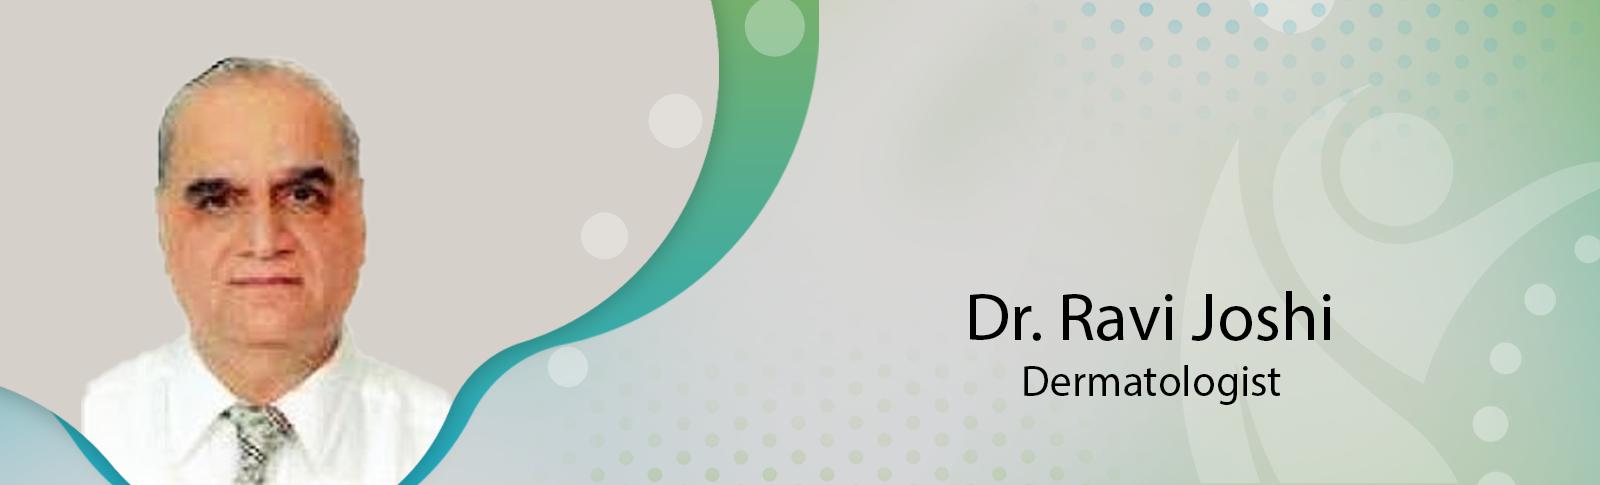 Dr. Ravi Joshi